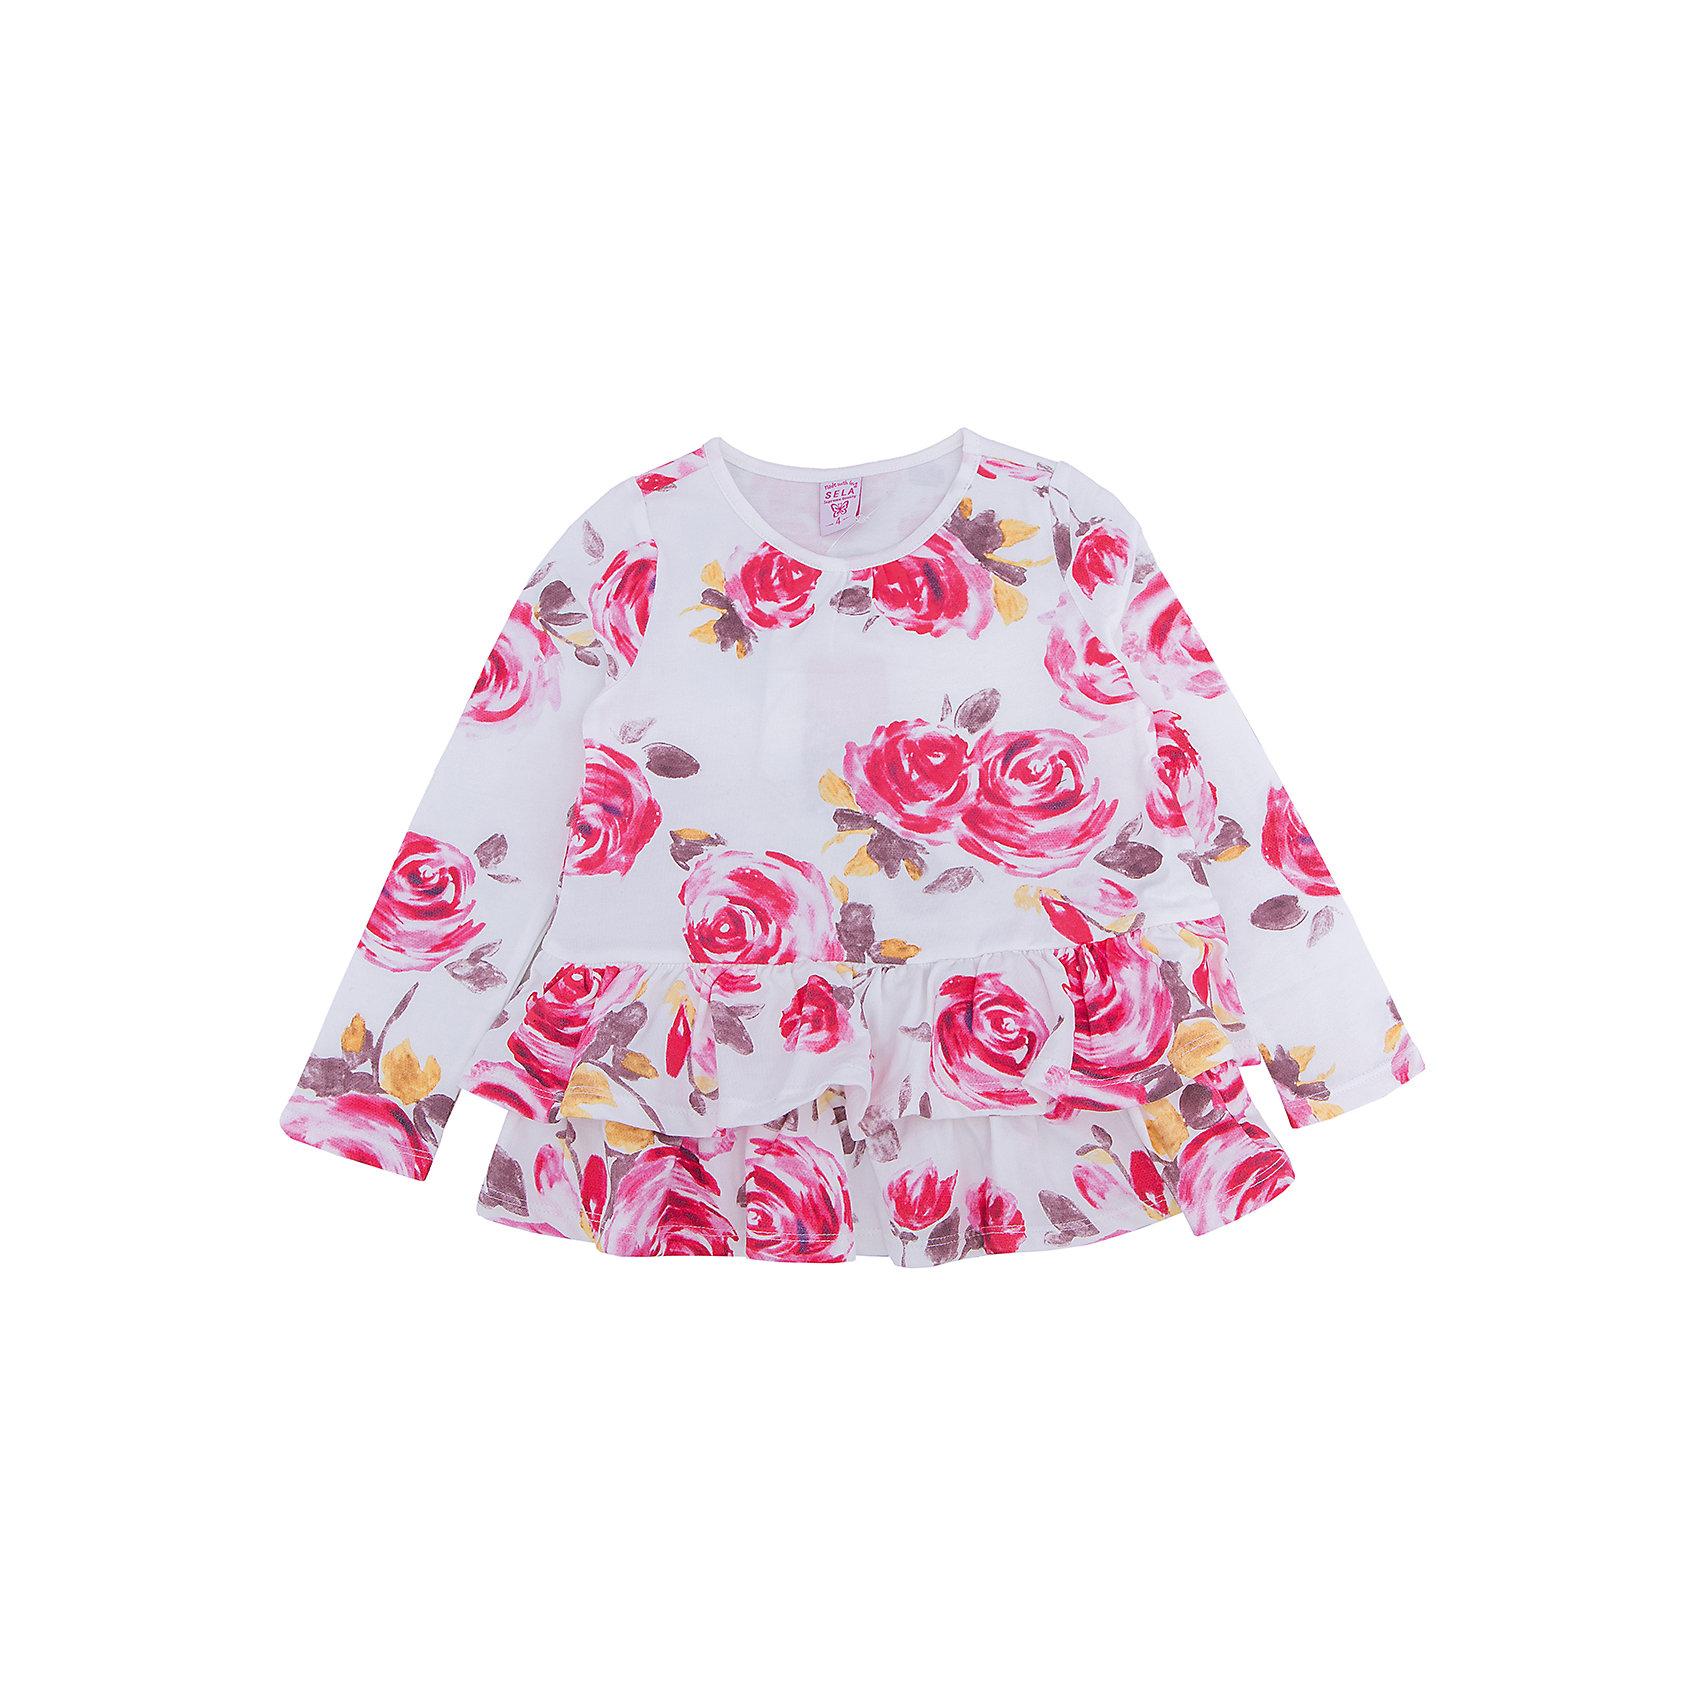 Платье для девочки SELAПлатье с принтом - удобная и модная вещь. Эта модель отлично сидит на ребенке, она смотрится стильно и нарядно. Приятная на ощупь ткань и качественная фурнитура обеспечивает ребенку комфорт. Модель станет отличной базовой вещью, которая будет уместна в различных сочетаниях.<br>Одежда от бренда Sela (Села) - это качество по приемлемым ценам. Многие российские родители уже оценили преимущества продукции этой компании и всё чаще приобретают одежду и аксессуары Sela.<br><br>Дополнительная информация:<br><br>материал: 95% хлопок, 5% эластан;<br>с принтом;<br>длинный рукав.<br><br>Платье для девочки от бренда Sela можно купить в нашем интернет-магазине.<br><br>Ширина мм: 236<br>Глубина мм: 16<br>Высота мм: 184<br>Вес г: 177<br>Цвет: белый<br>Возраст от месяцев: 48<br>Возраст до месяцев: 60<br>Пол: Женский<br>Возраст: Детский<br>Размер: 110,104,98,92,116<br>SKU: 5008227